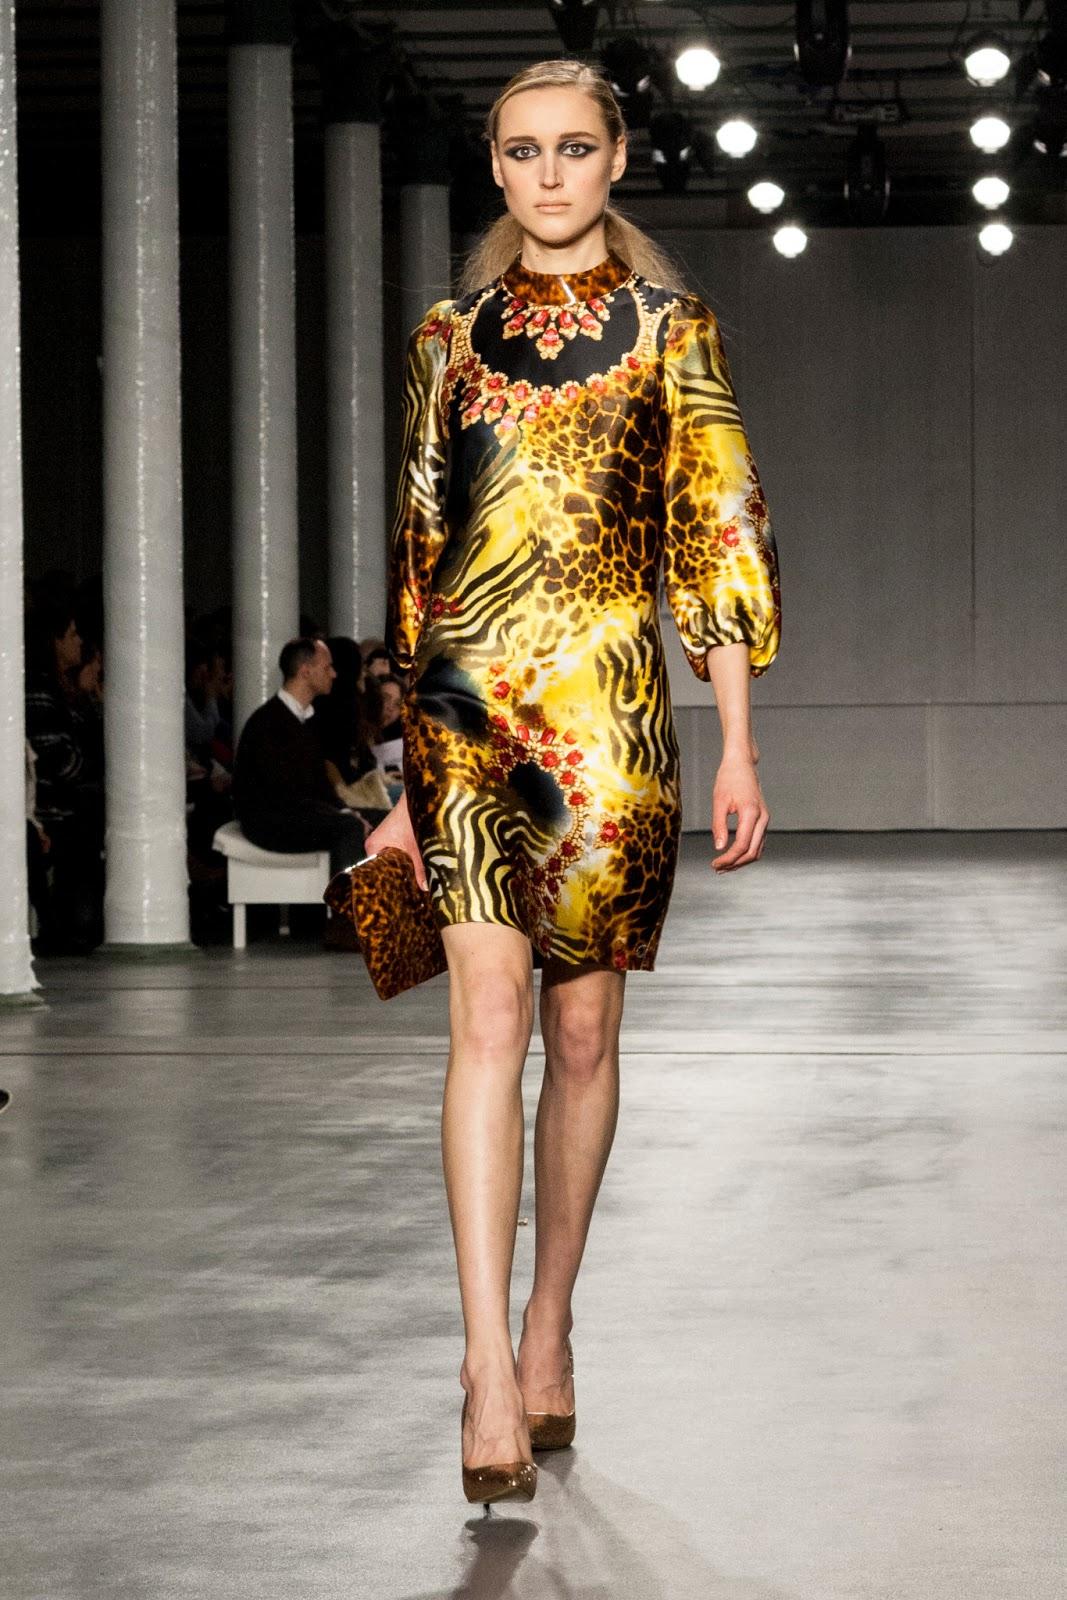 Josephine baker fashion style 42